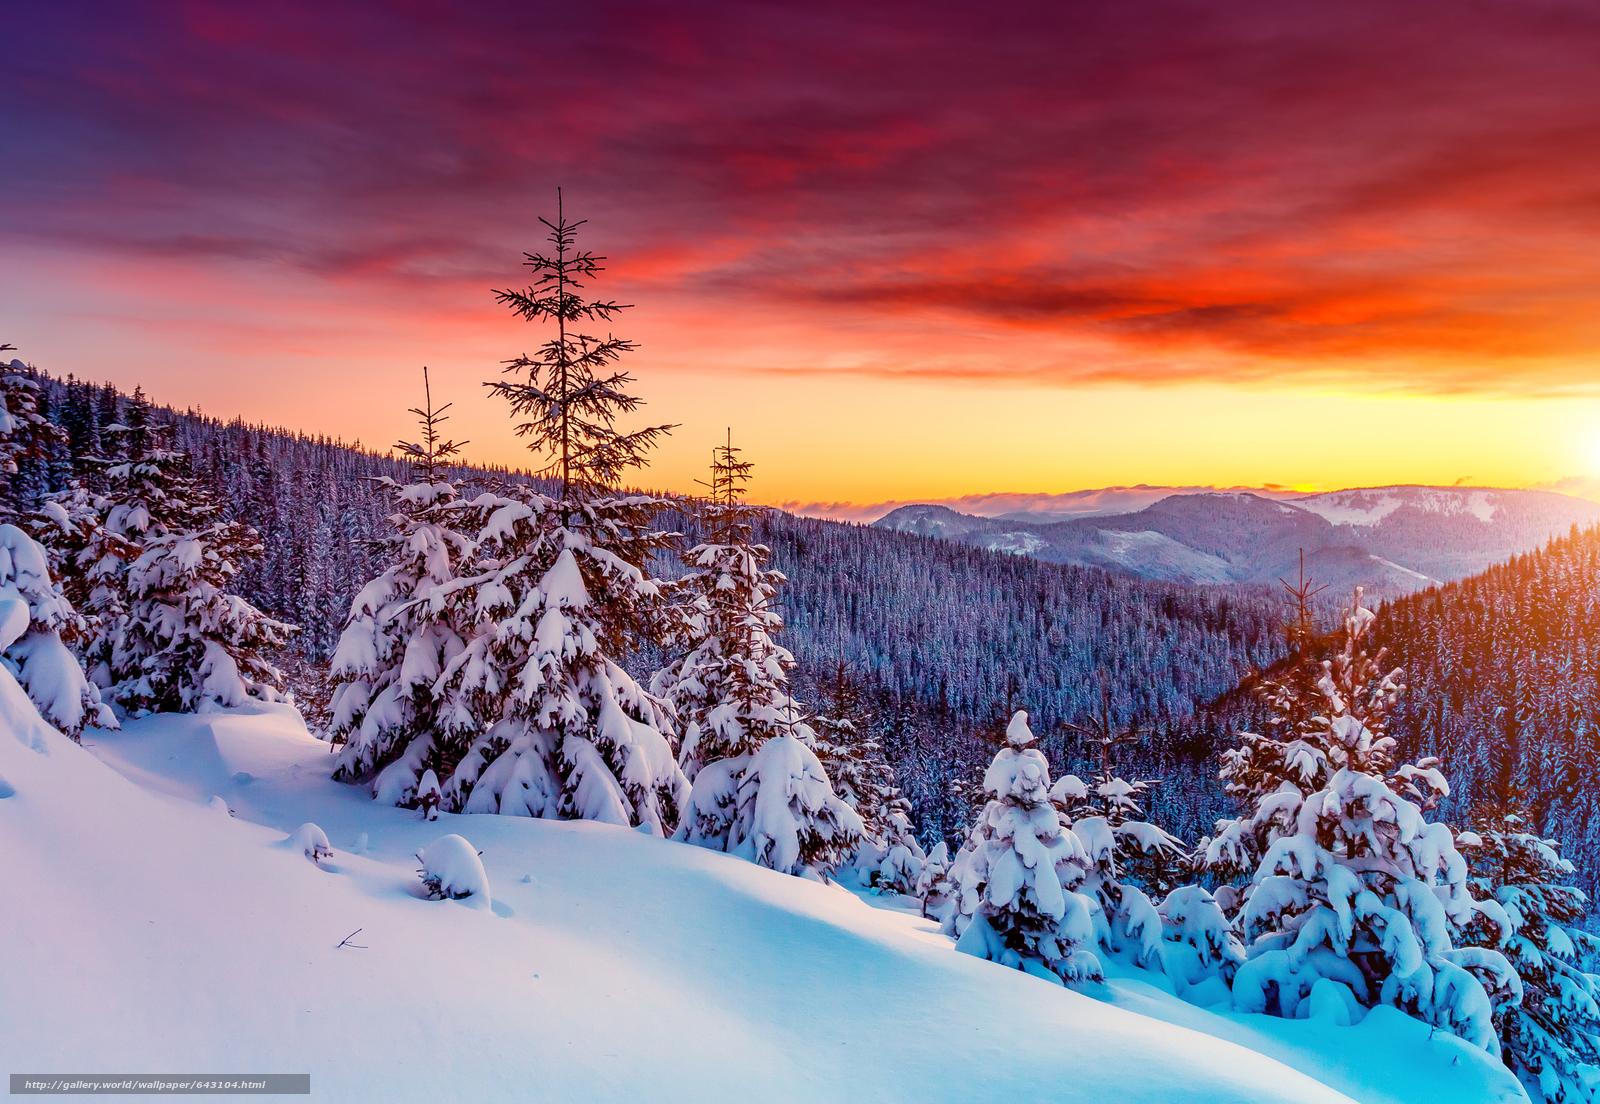 下载壁纸 日落,  冬天,  山,  树 免费为您的桌面分辨率的壁纸 7256x5008 — 图片 №643104